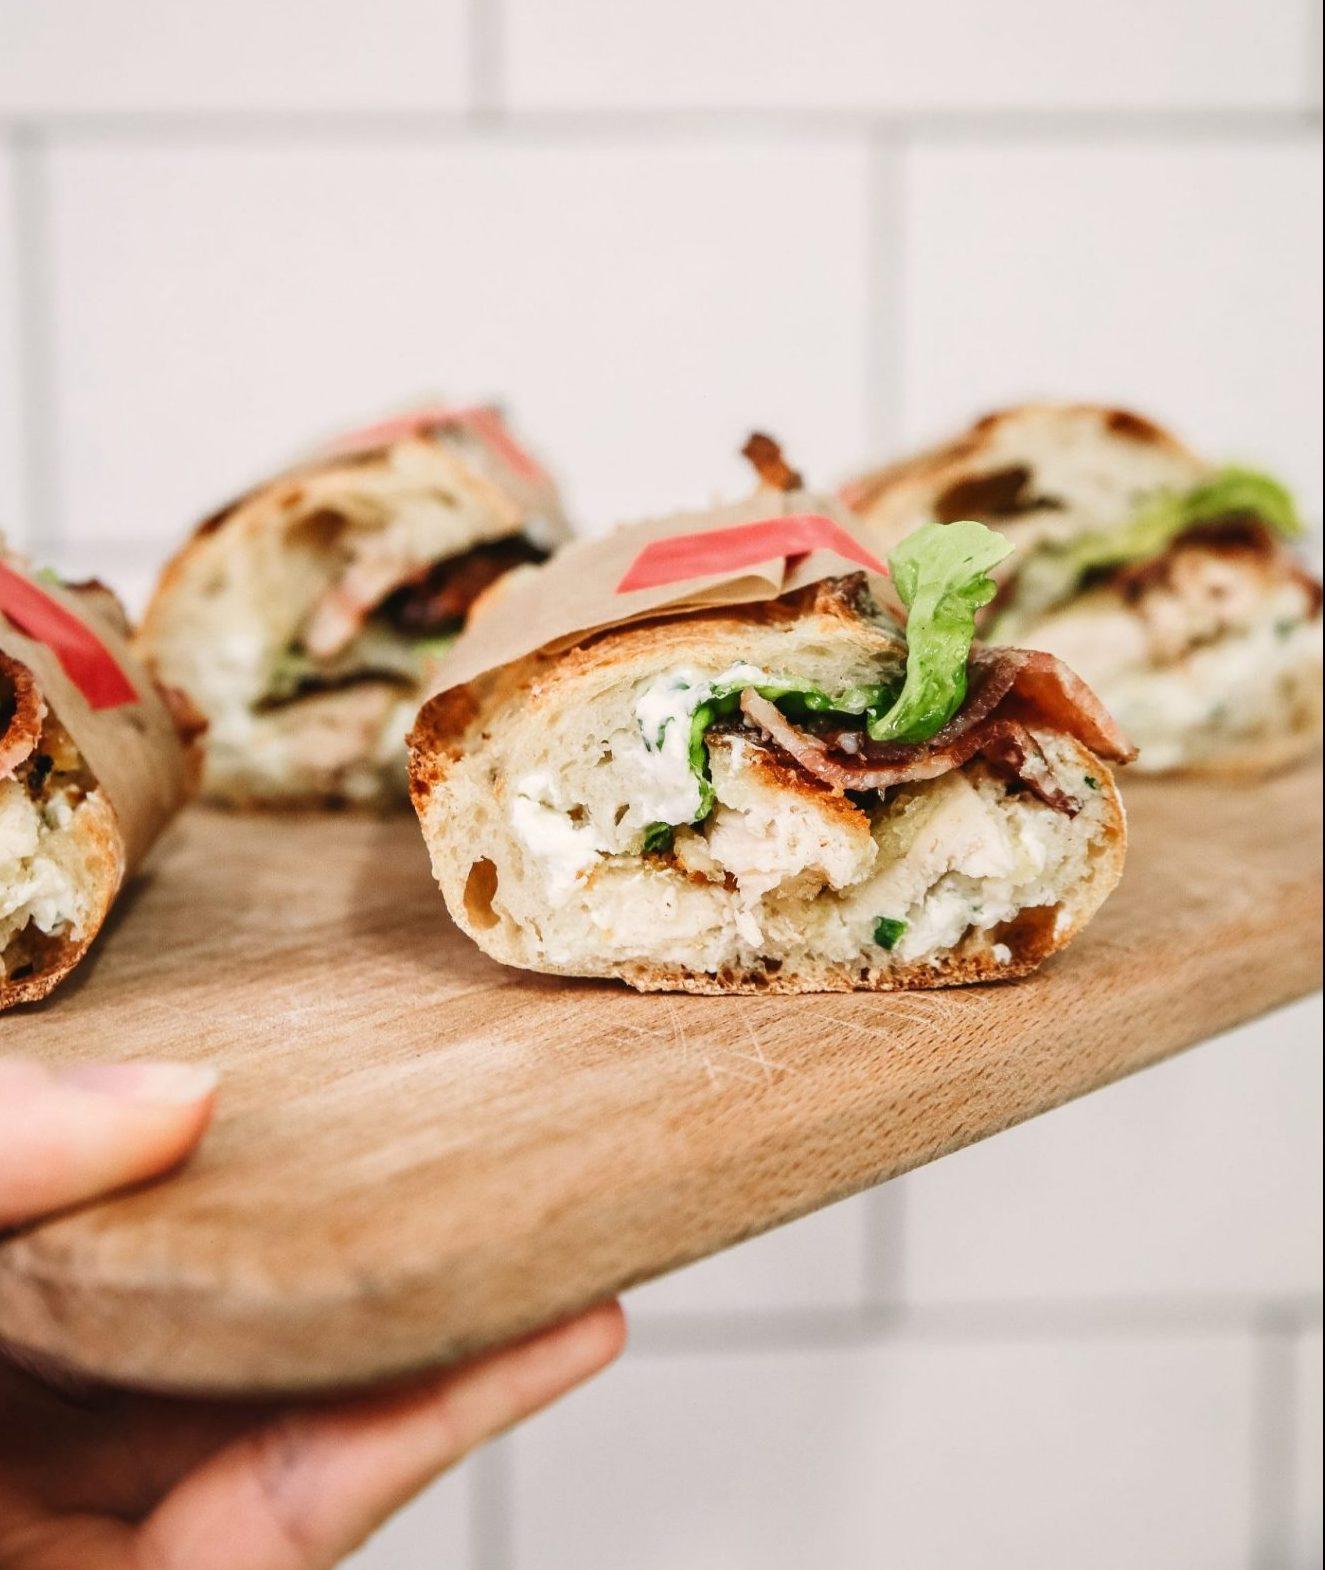 Φτιάξαμε τα πιο νόστιμα σπιτικά σάντουιτς με κοτόπουλο